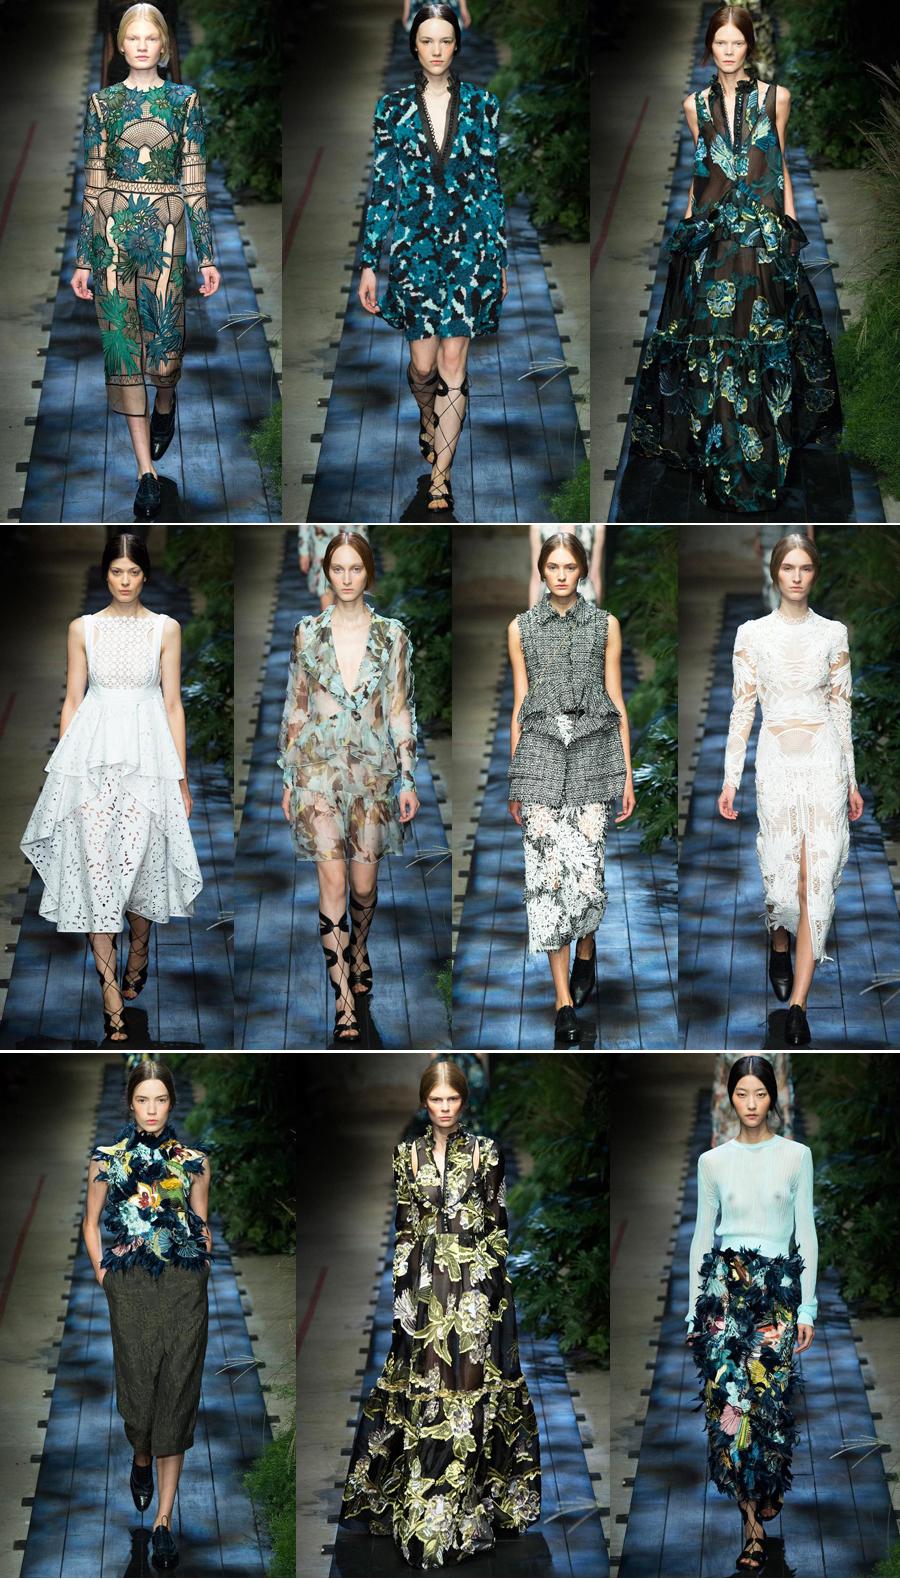 erdem-summer-2015-london-fashion-week